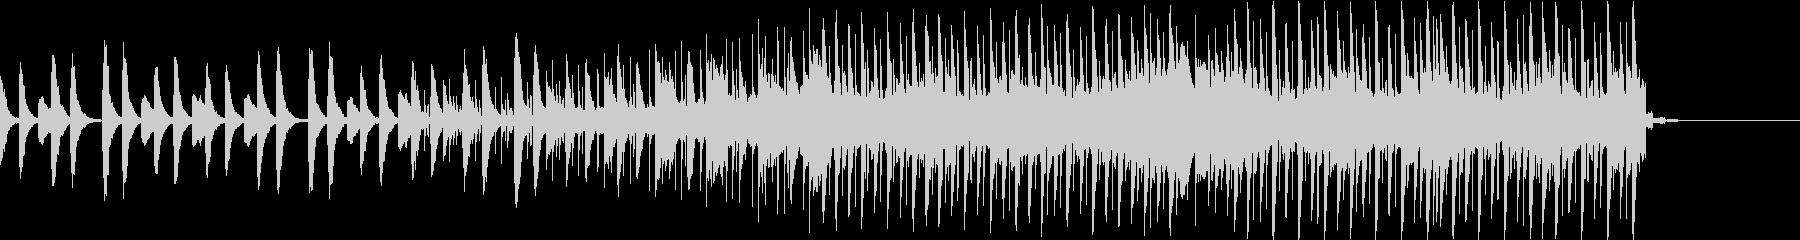 ピアノをメインにしたEDMです。の未再生の波形